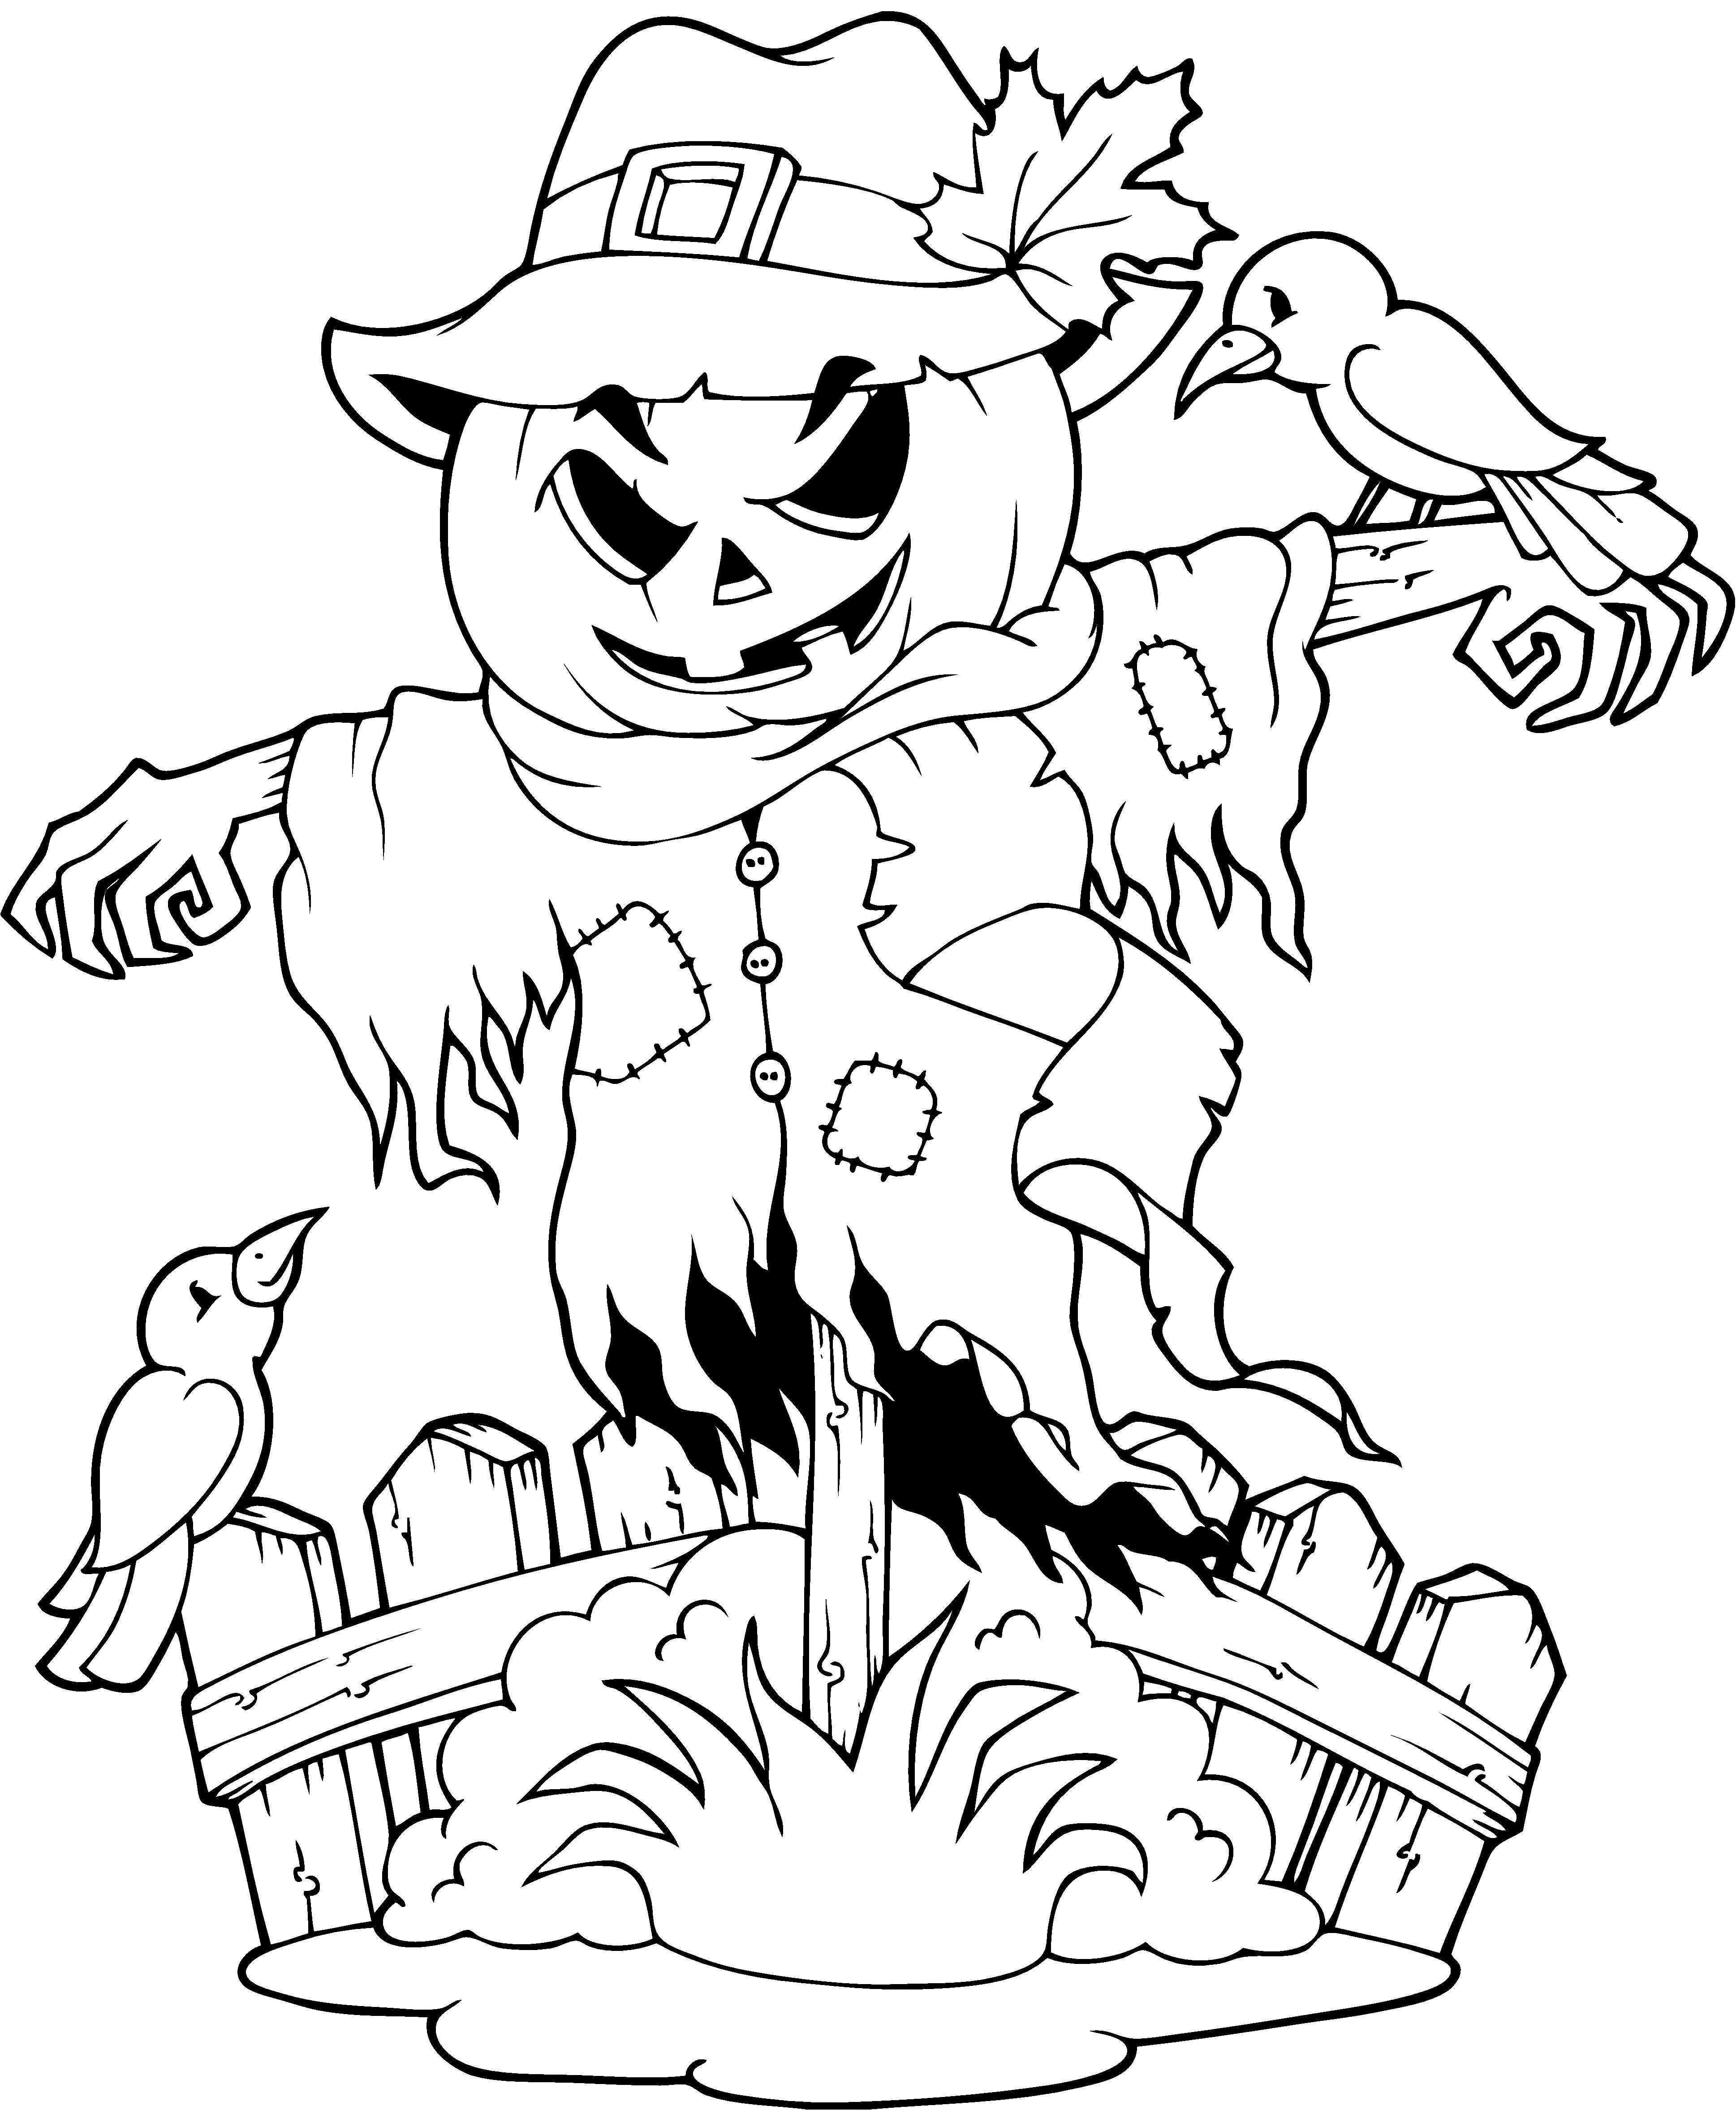 Een Leuke Kleurplaat Voor Halloween Kijk Op De Surfsleutel Voor De Printversie Halloween Tekeningen Halloween Vogelverschrikker Vogelverschrikker